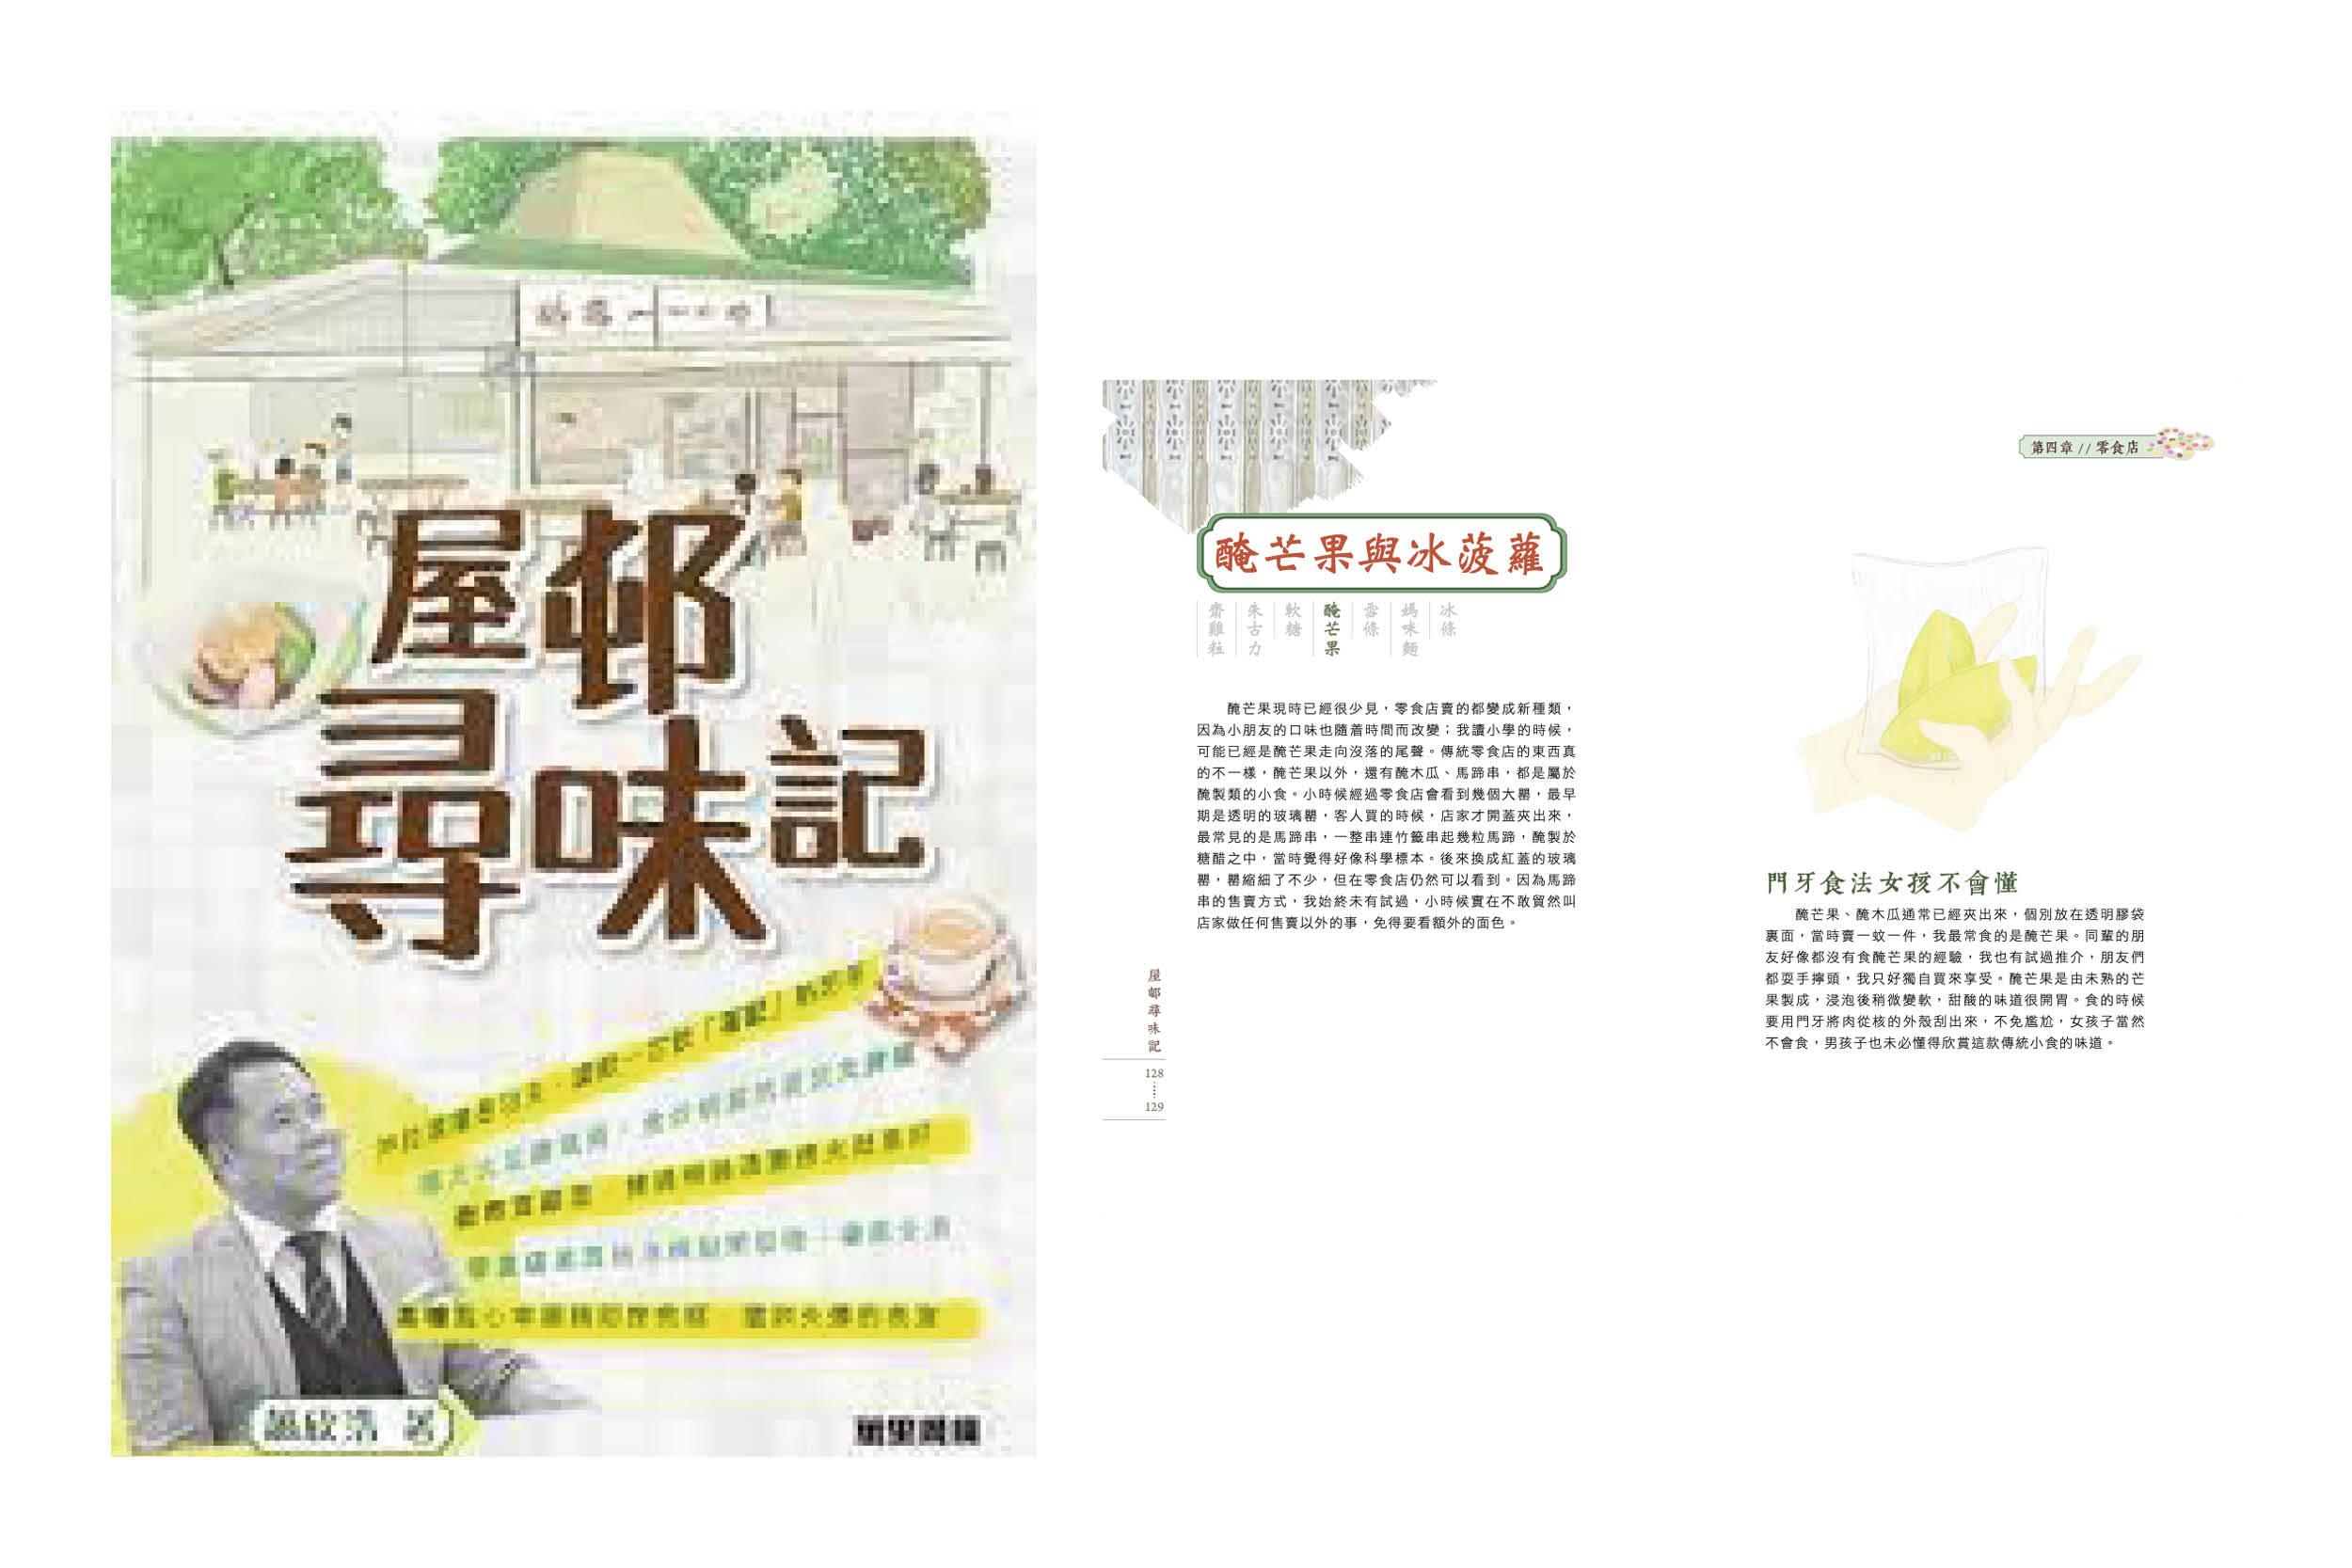 bookfair004